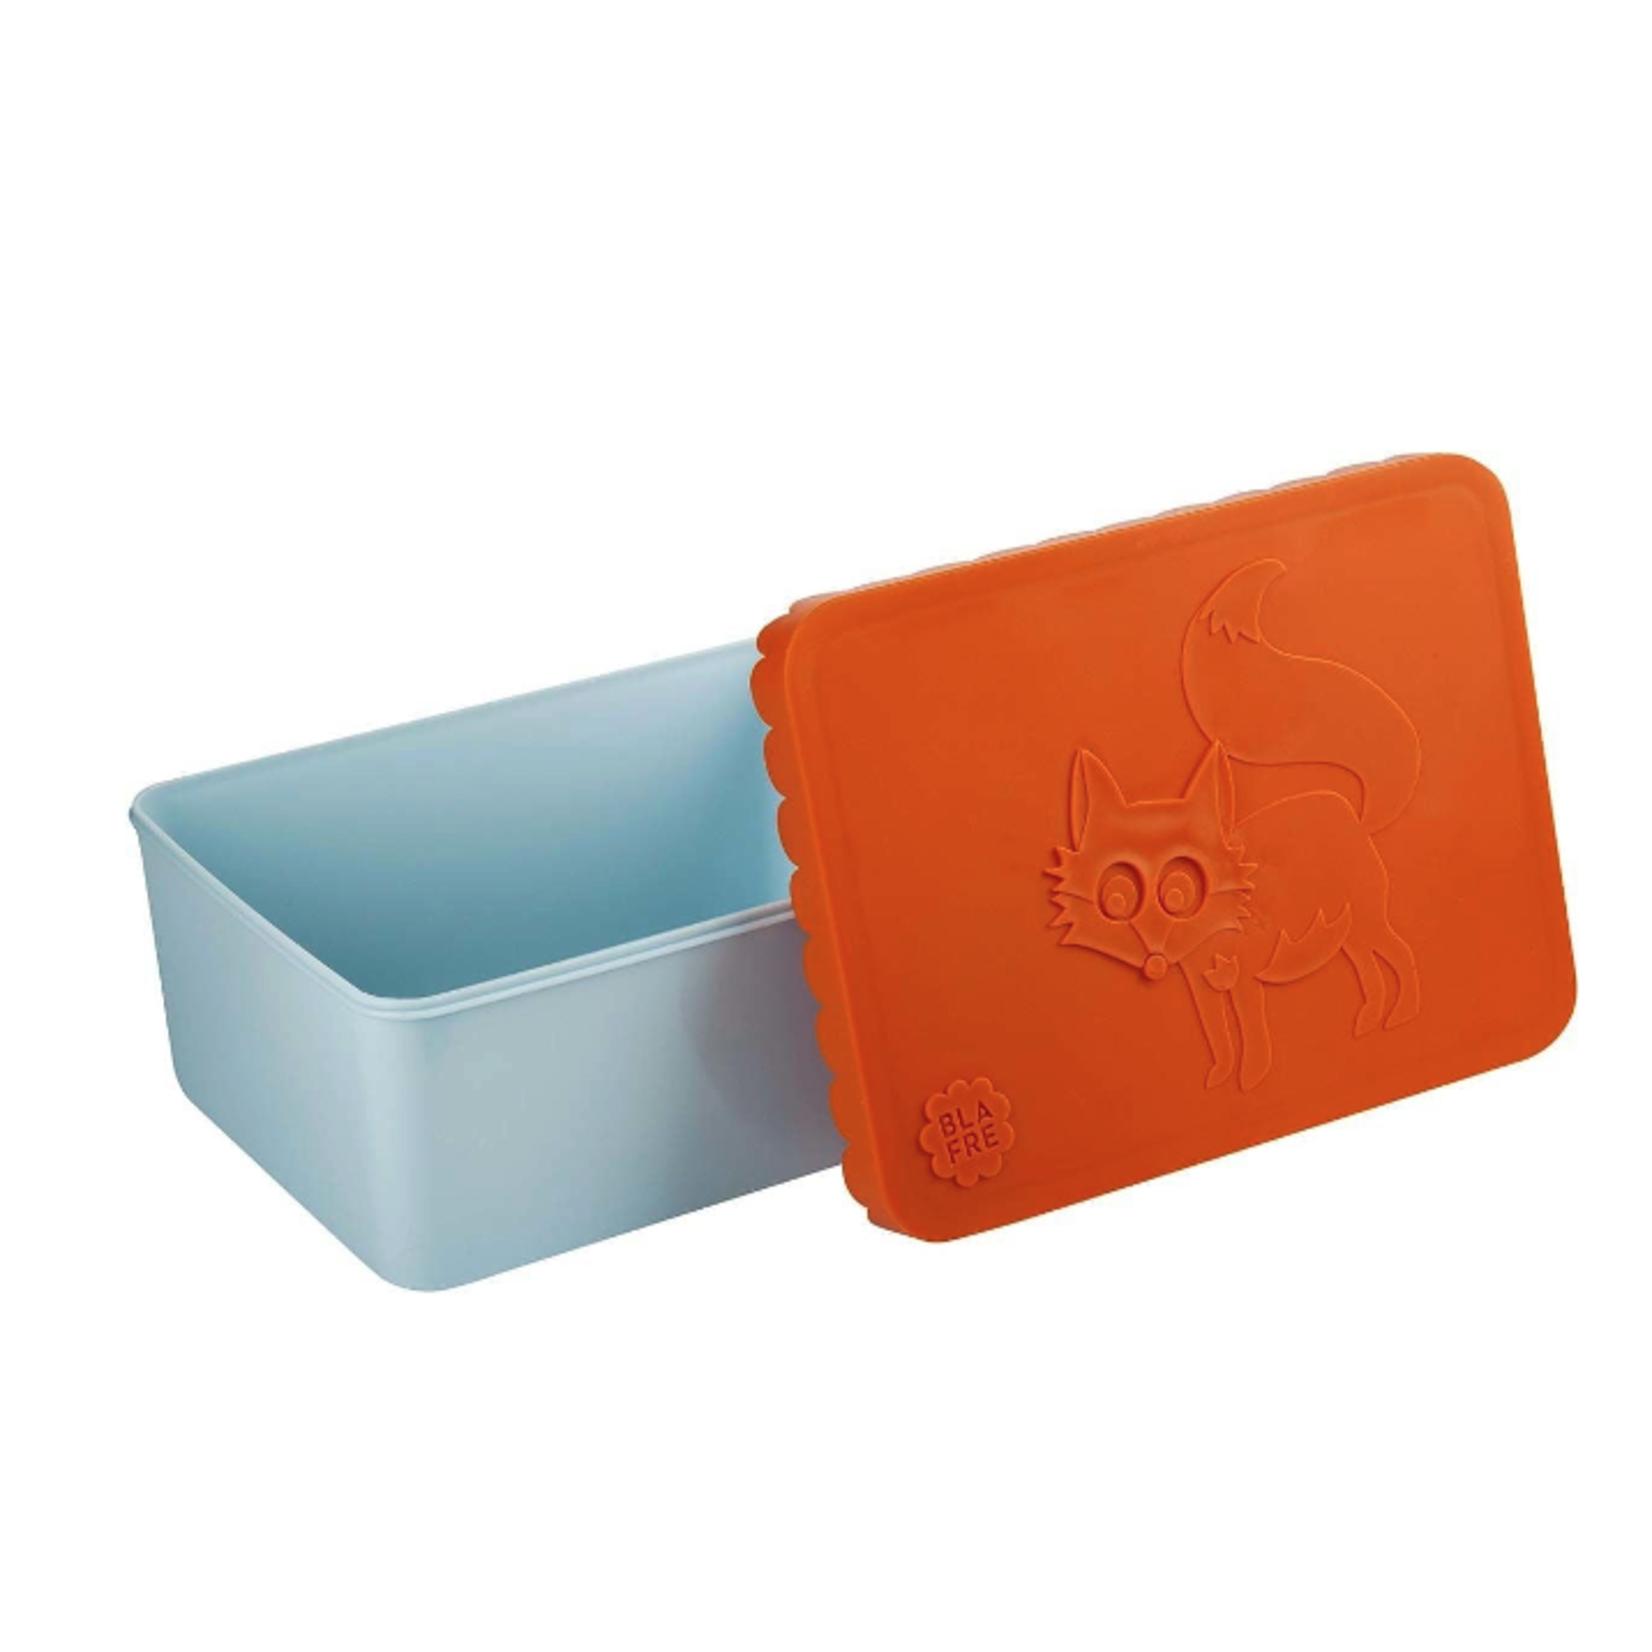 BLAFRE Bunte Brotdose von Blafre in orange und hellblau